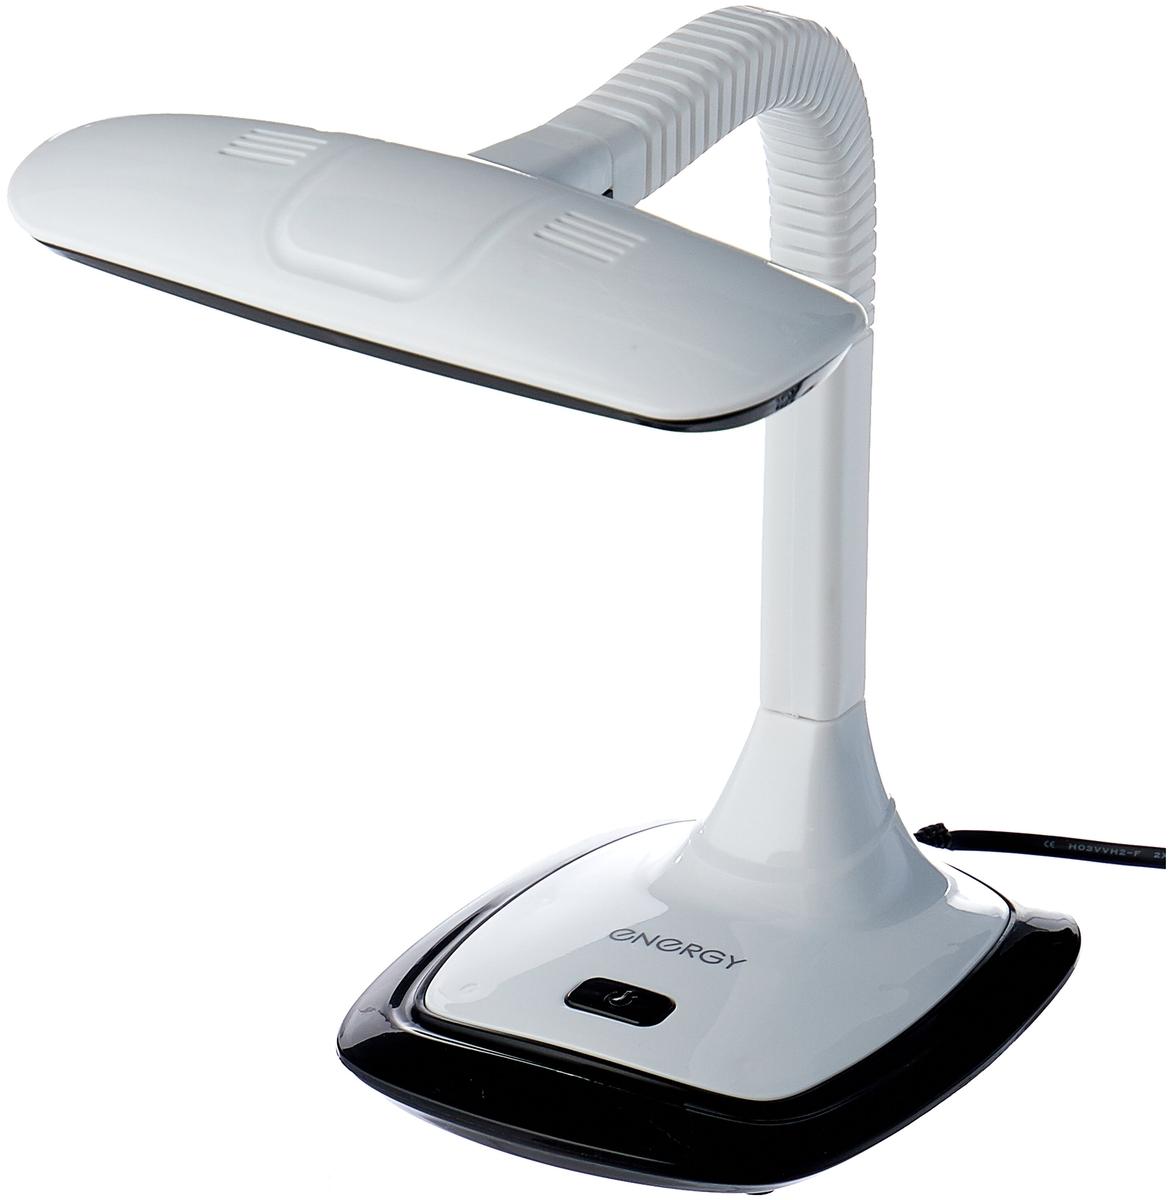 Стоит ли покупать Настольная лампа светодиодная Energy EN-LED18 бело-черная, 5 Вт? Отзывы на Яндекс.Маркете